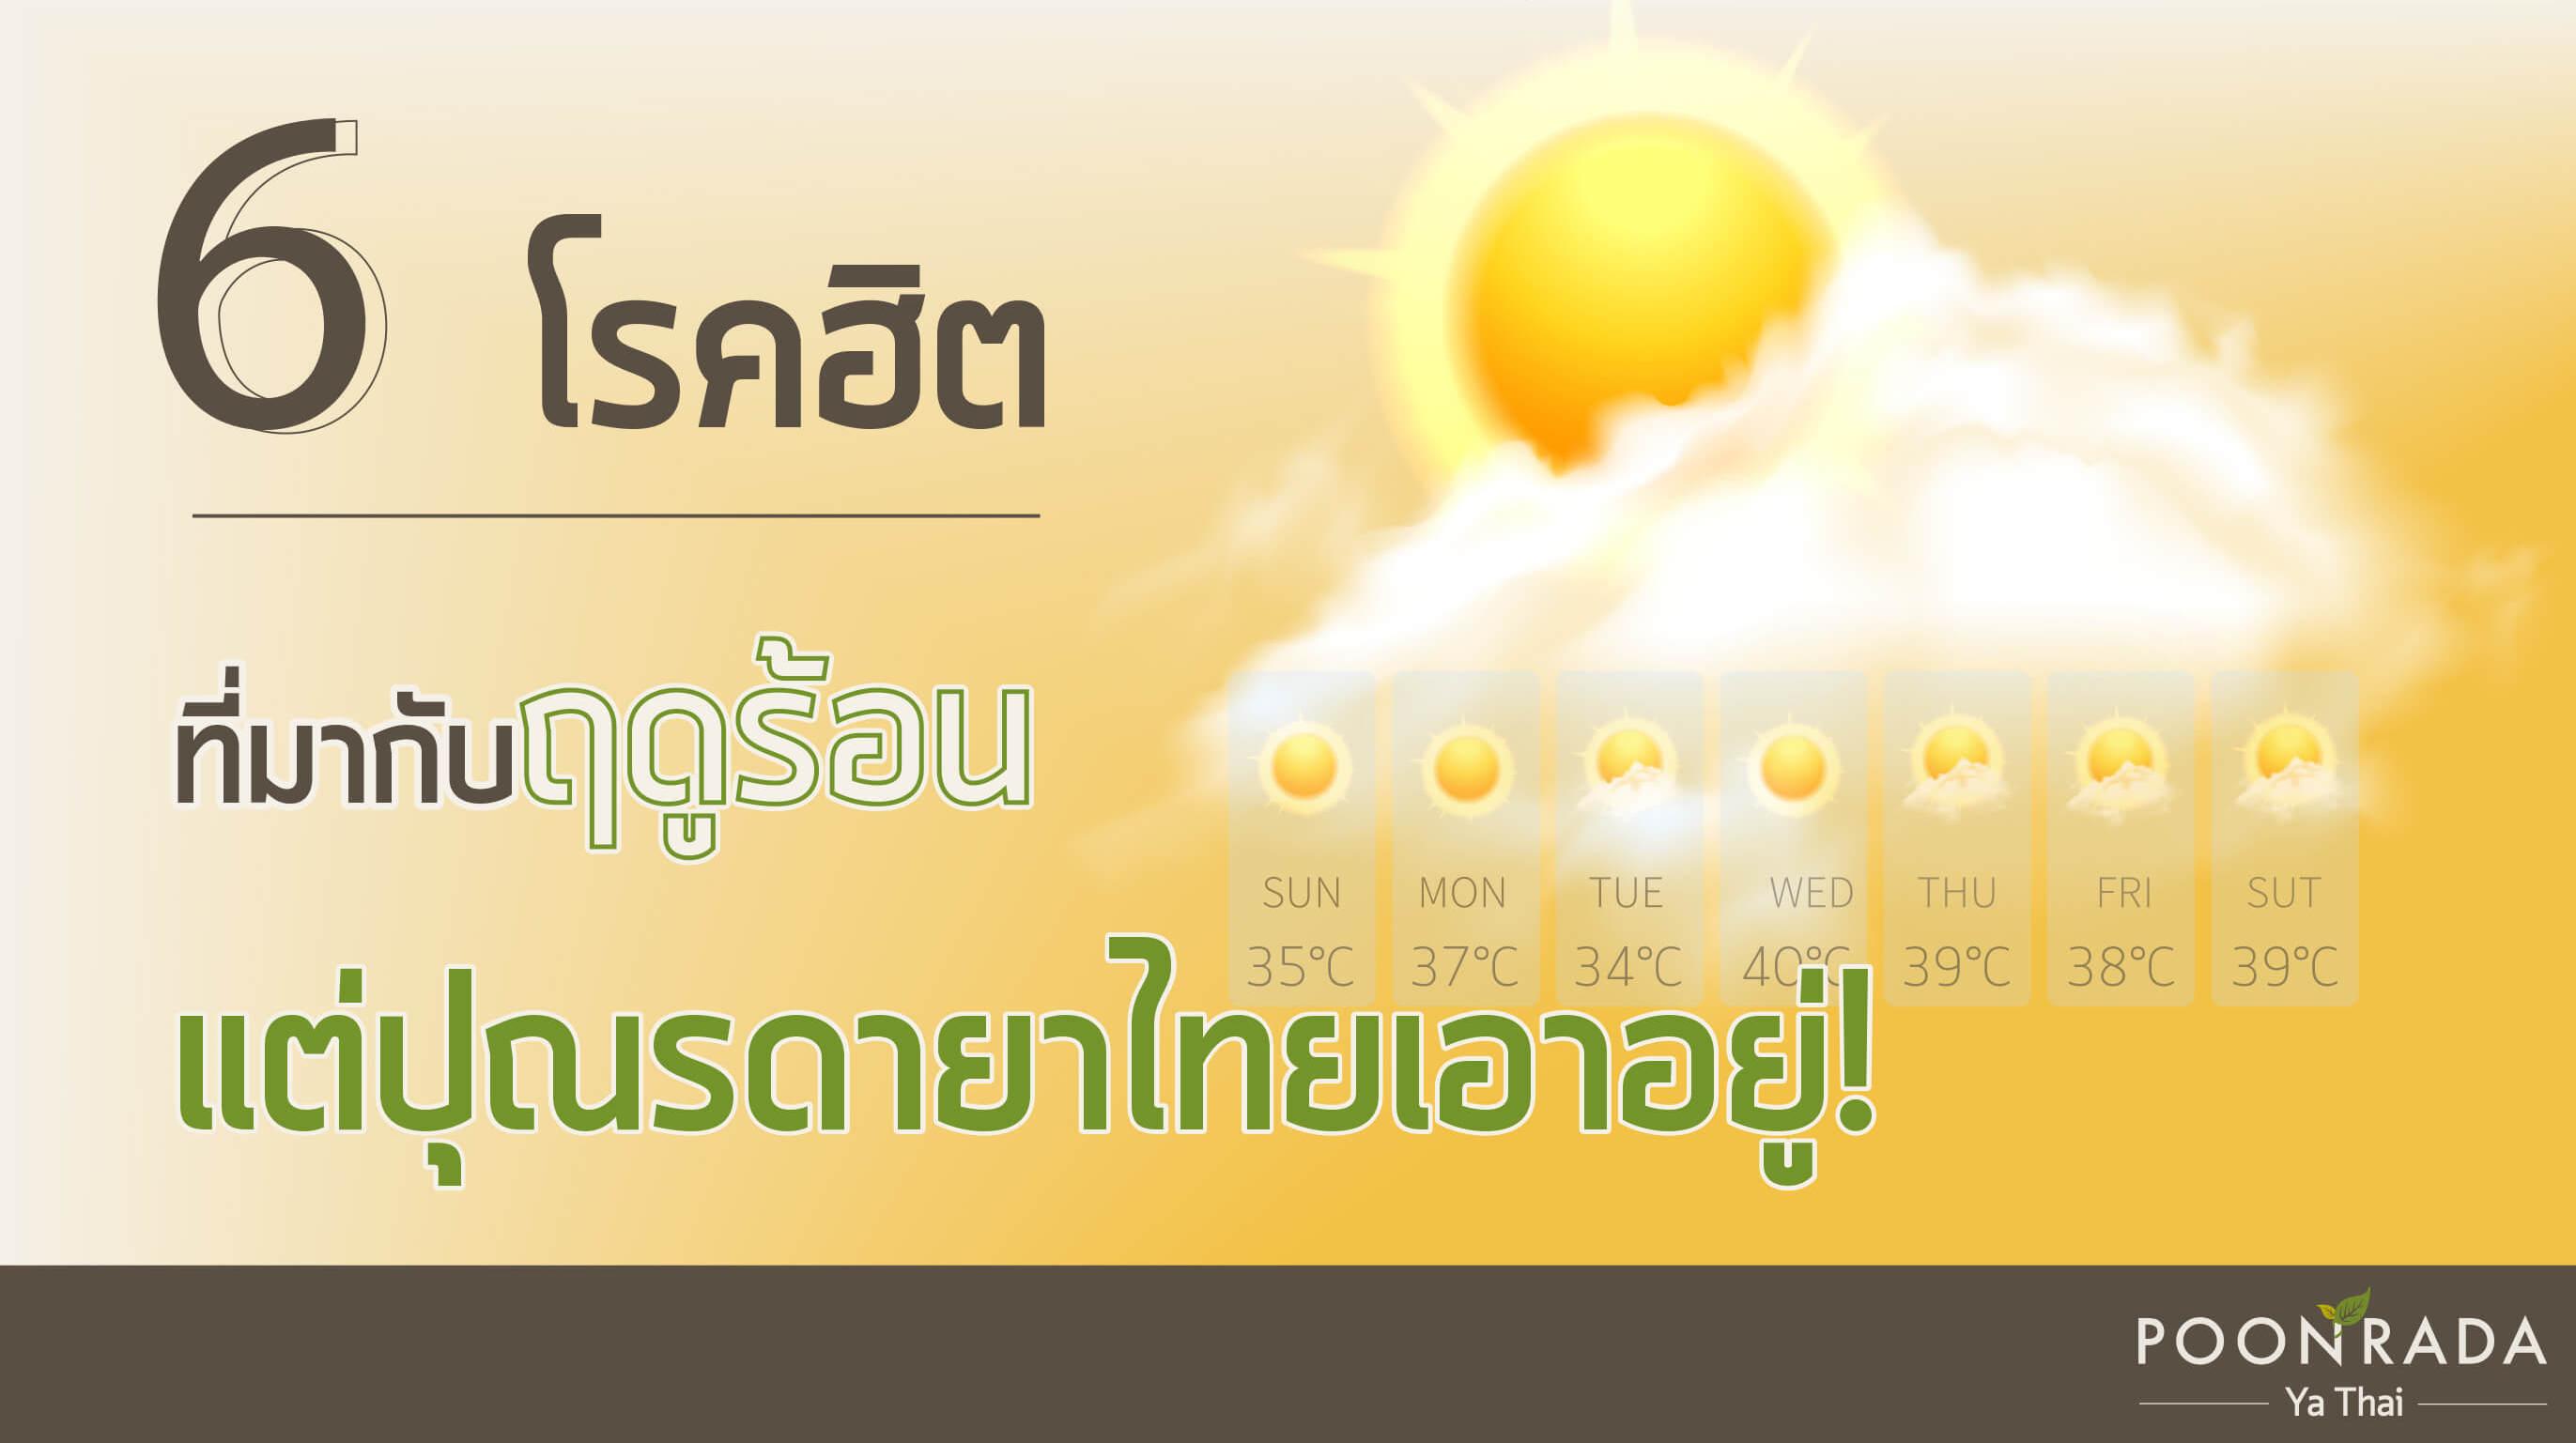 6 โรคฮิต ที่มากับฤดูร้อนแต่ปุณรดายาไทยเอาอยู่!